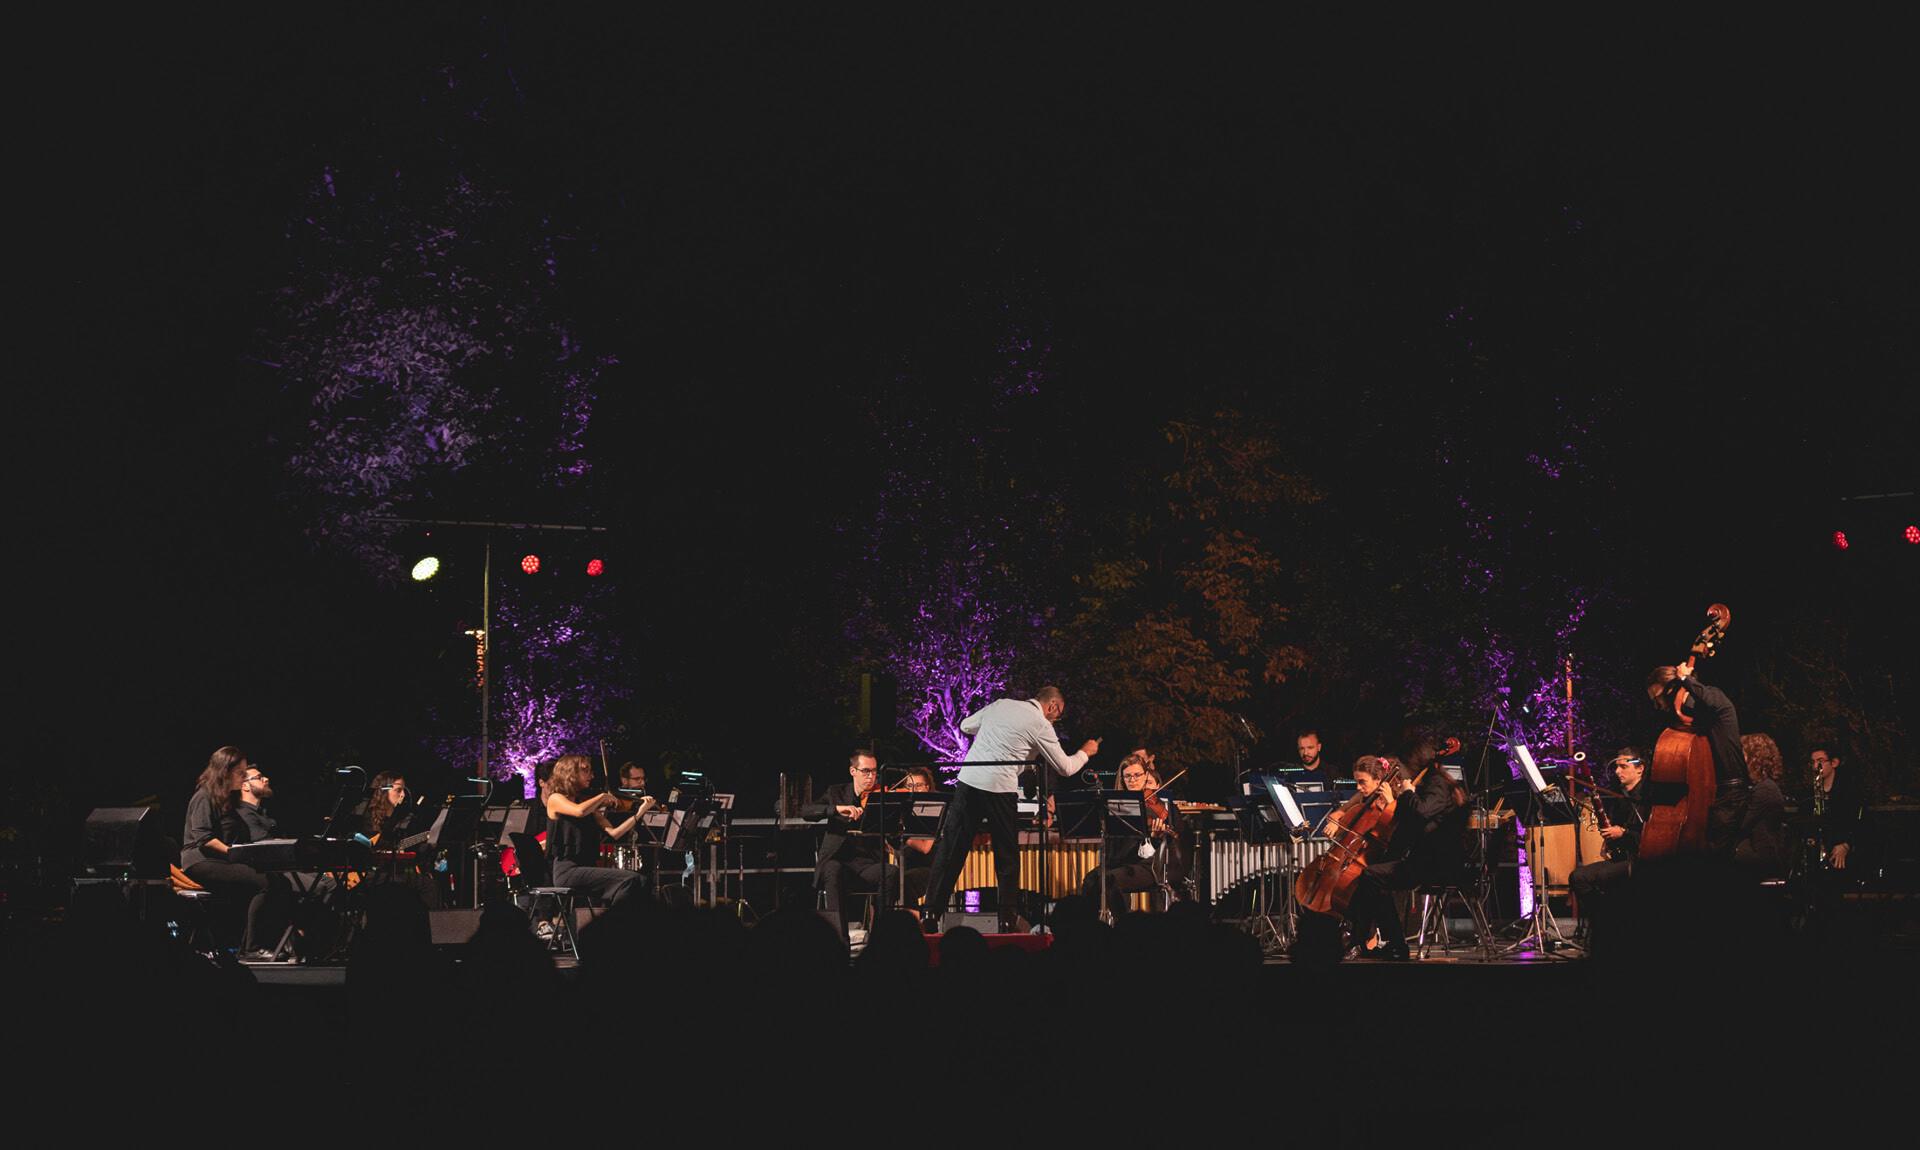 Verdi off:  NEXT FOR VERDI  Viaggio tra arie e sinfonie d'opera, con sorpresa, nelle trascrizioni per quintetto di ottoni a